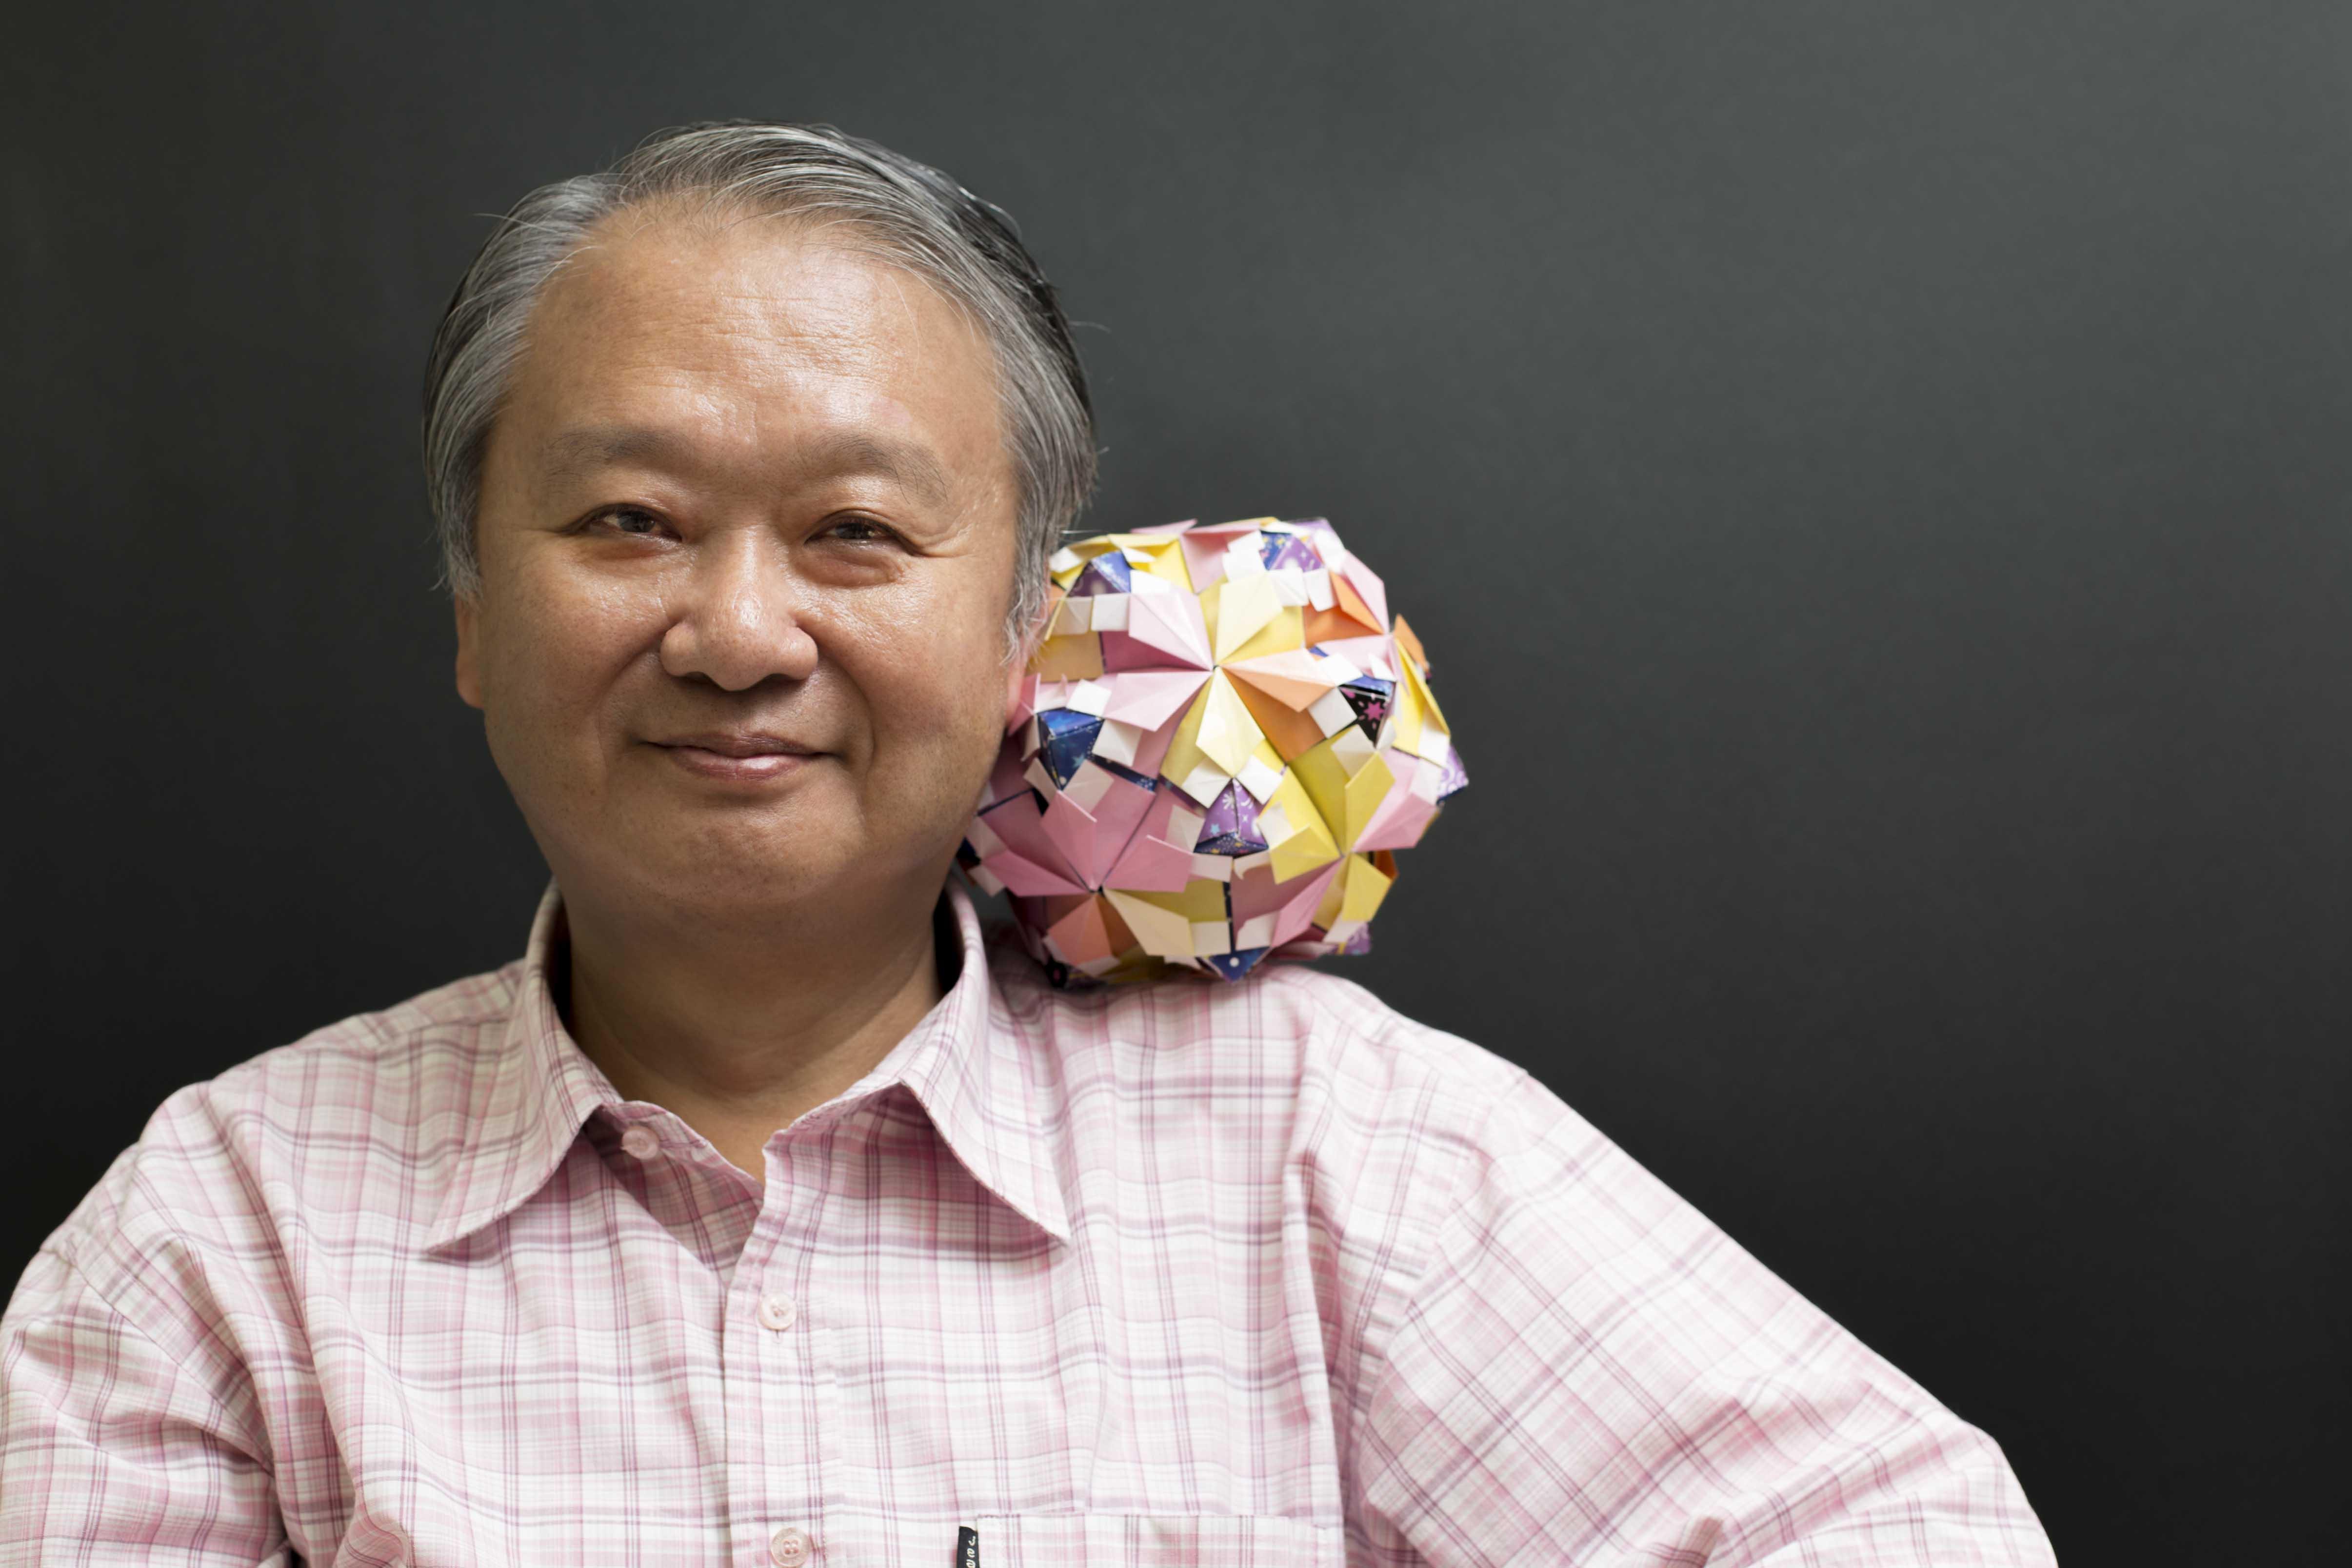 李國偉秀出一顆球形的組合摺紙,是女兒先用紙張摺了許多小元件,再將小元件組成球形結構。「這很不簡單,曾經掉到地上散了,只好再請我女兒把它組回來。」圖│研之有物